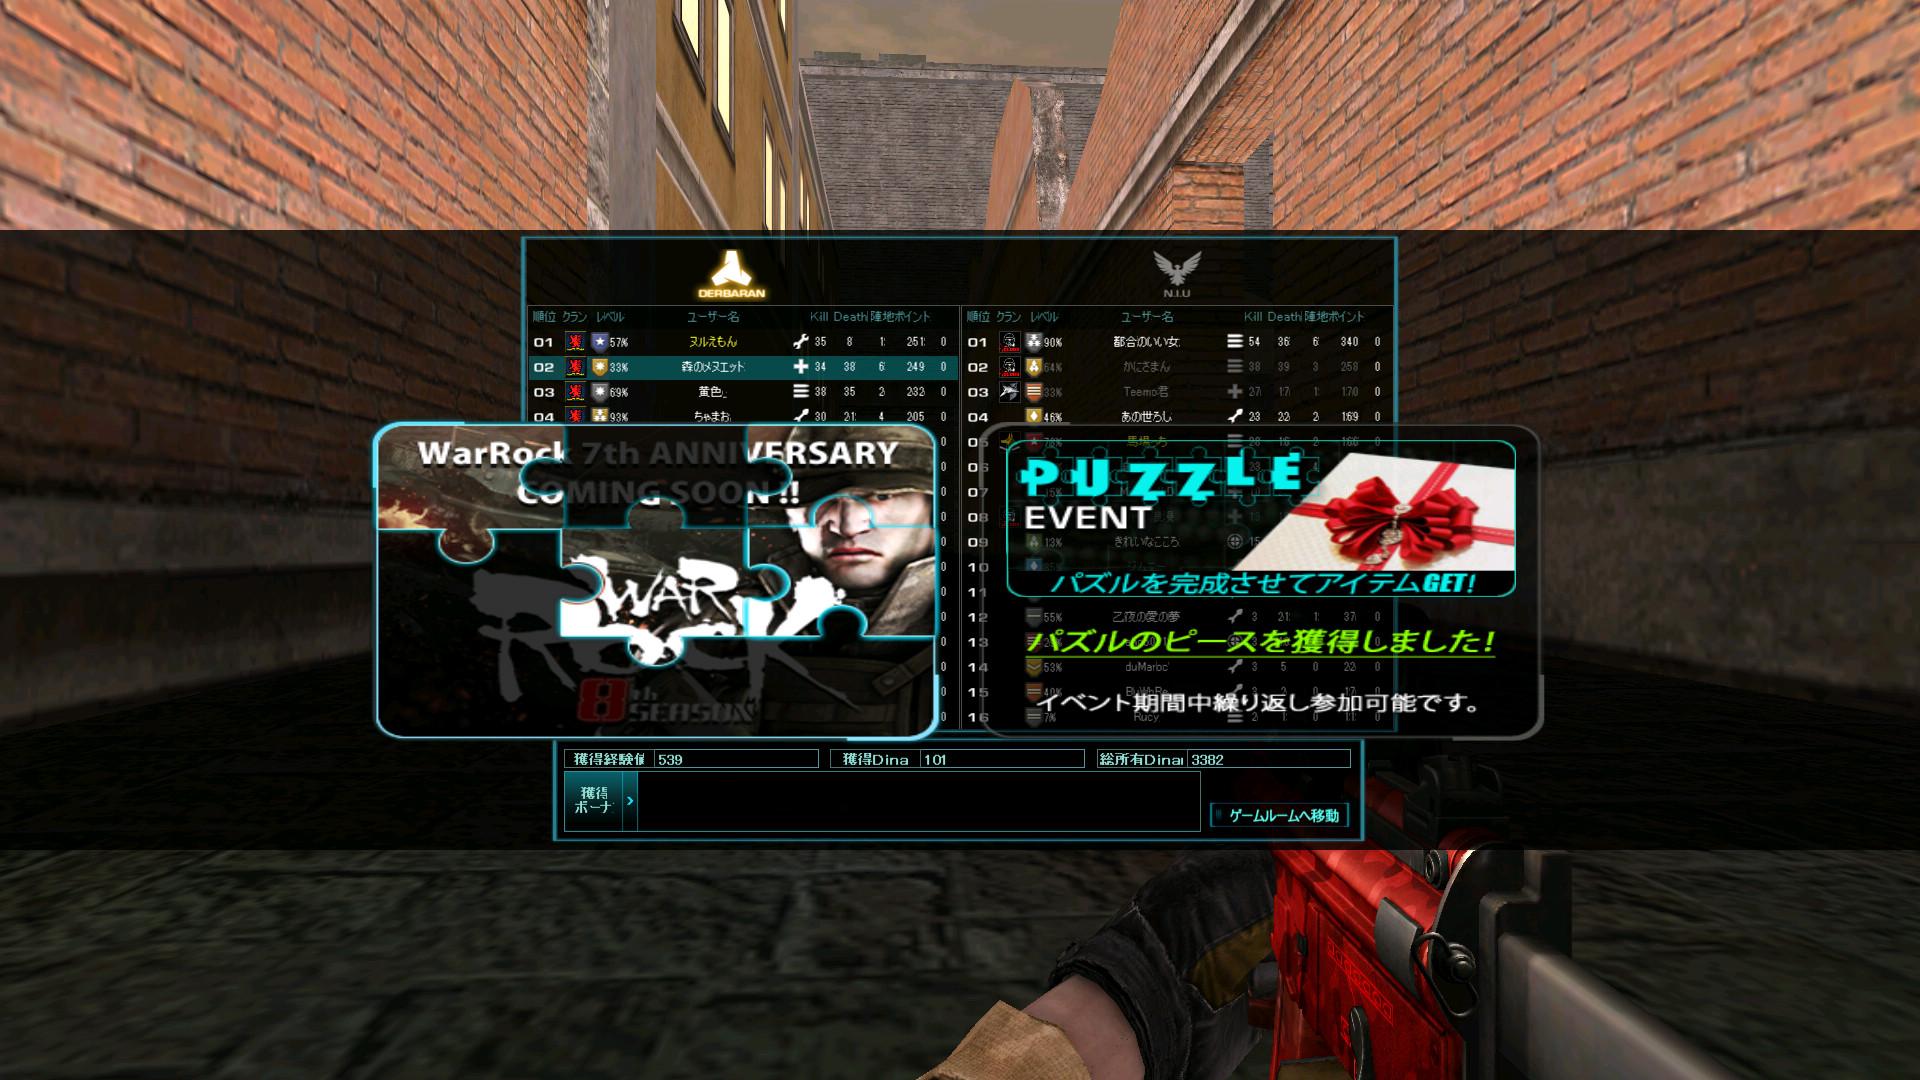 screenshot_036_20140524003724be3.jpg